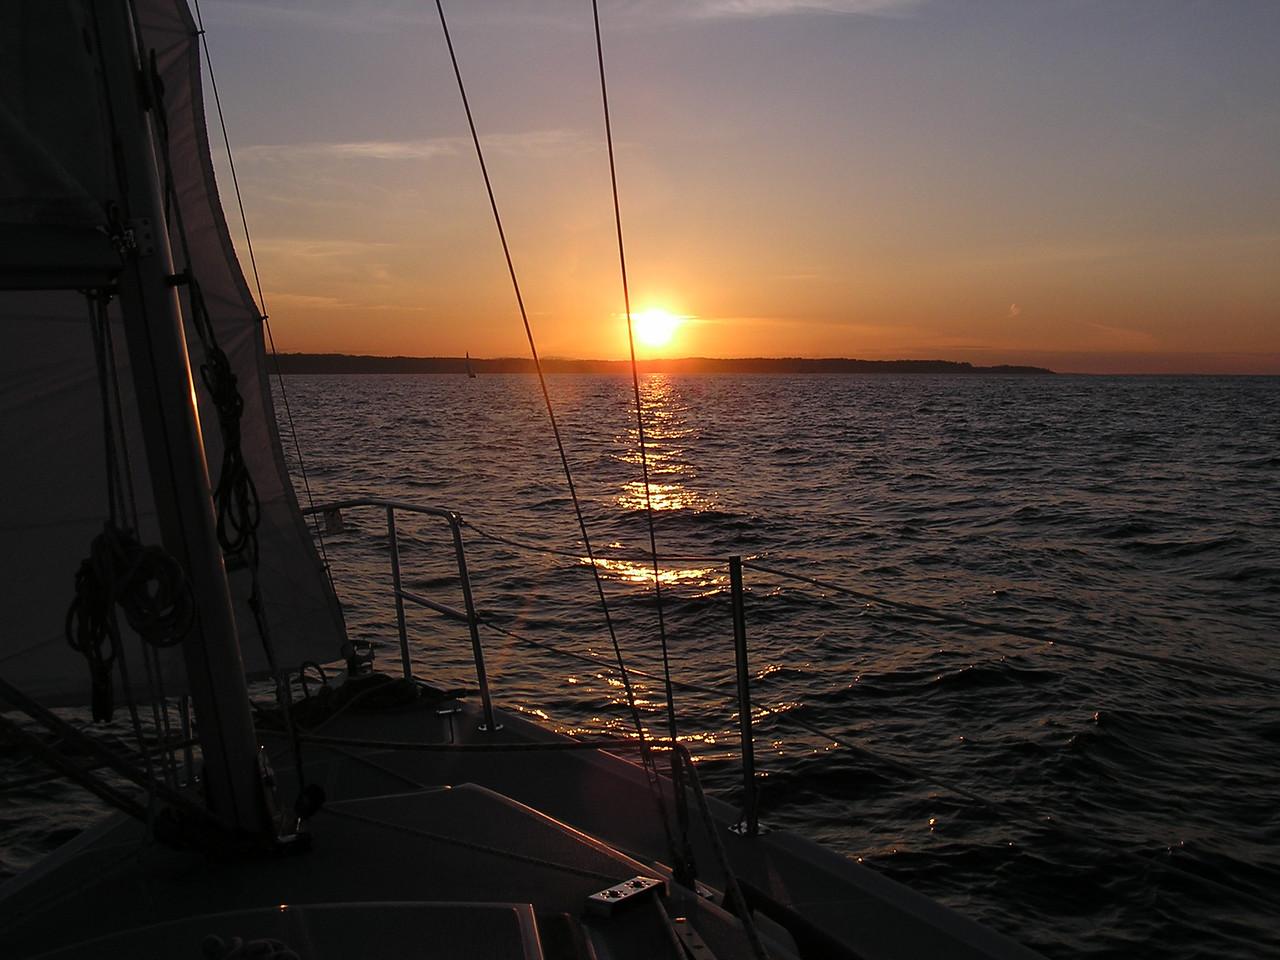 Ahhhh ... the sunset sail ...